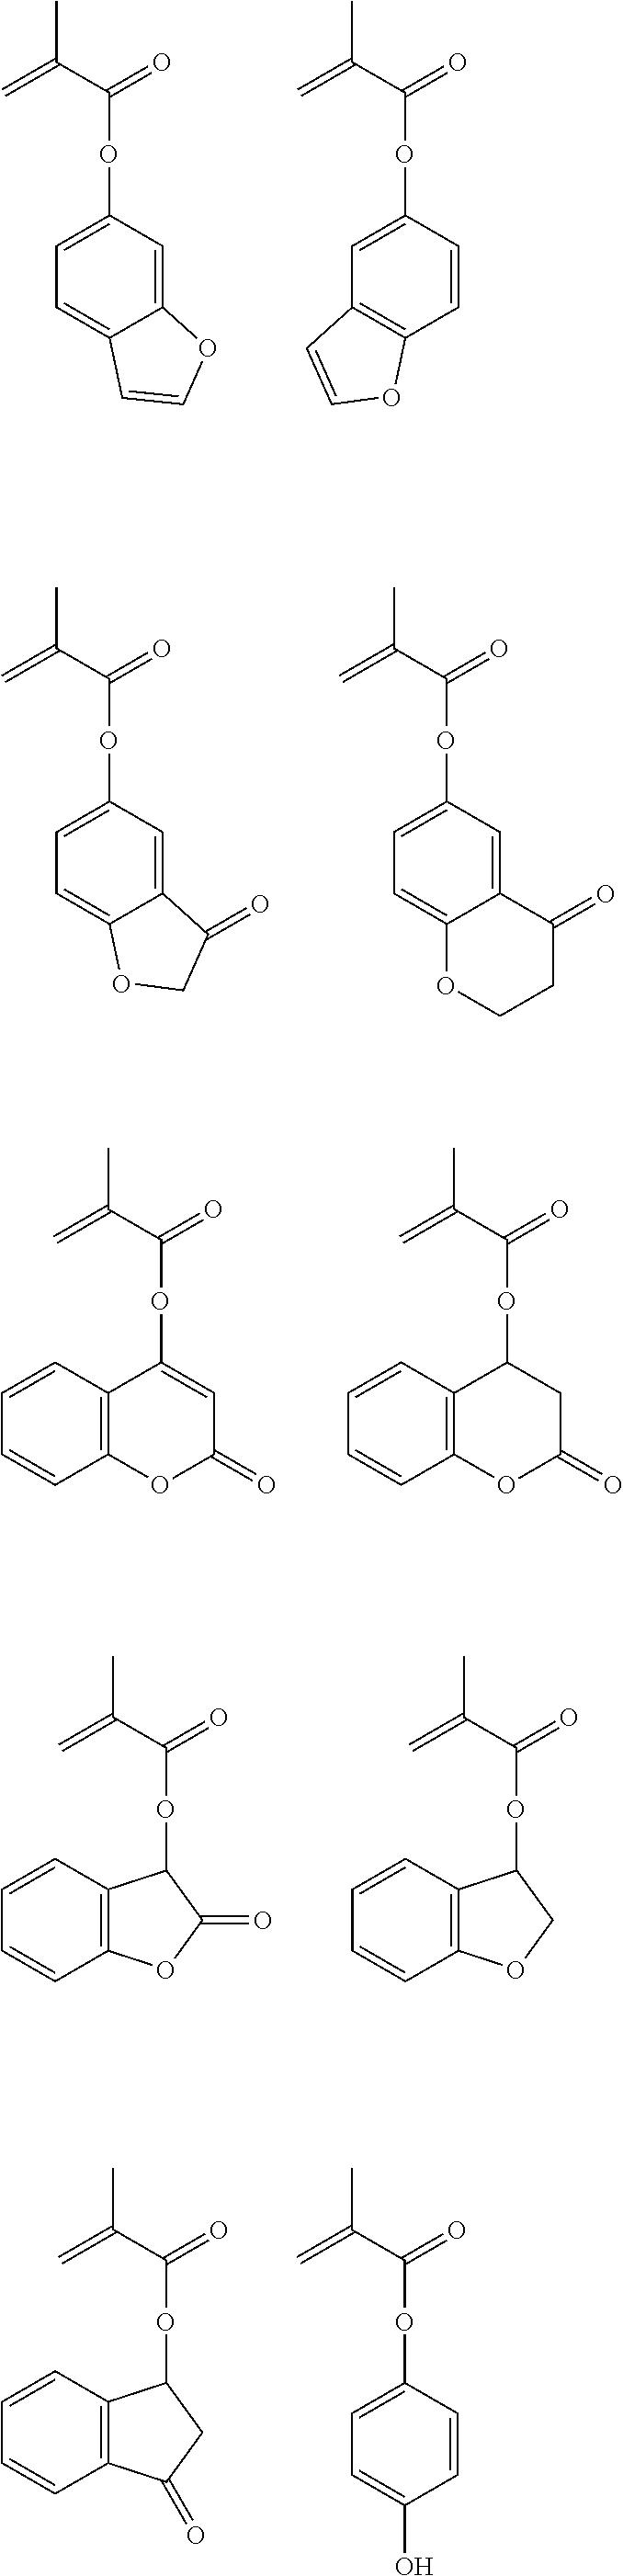 Figure US08129086-20120306-C00031